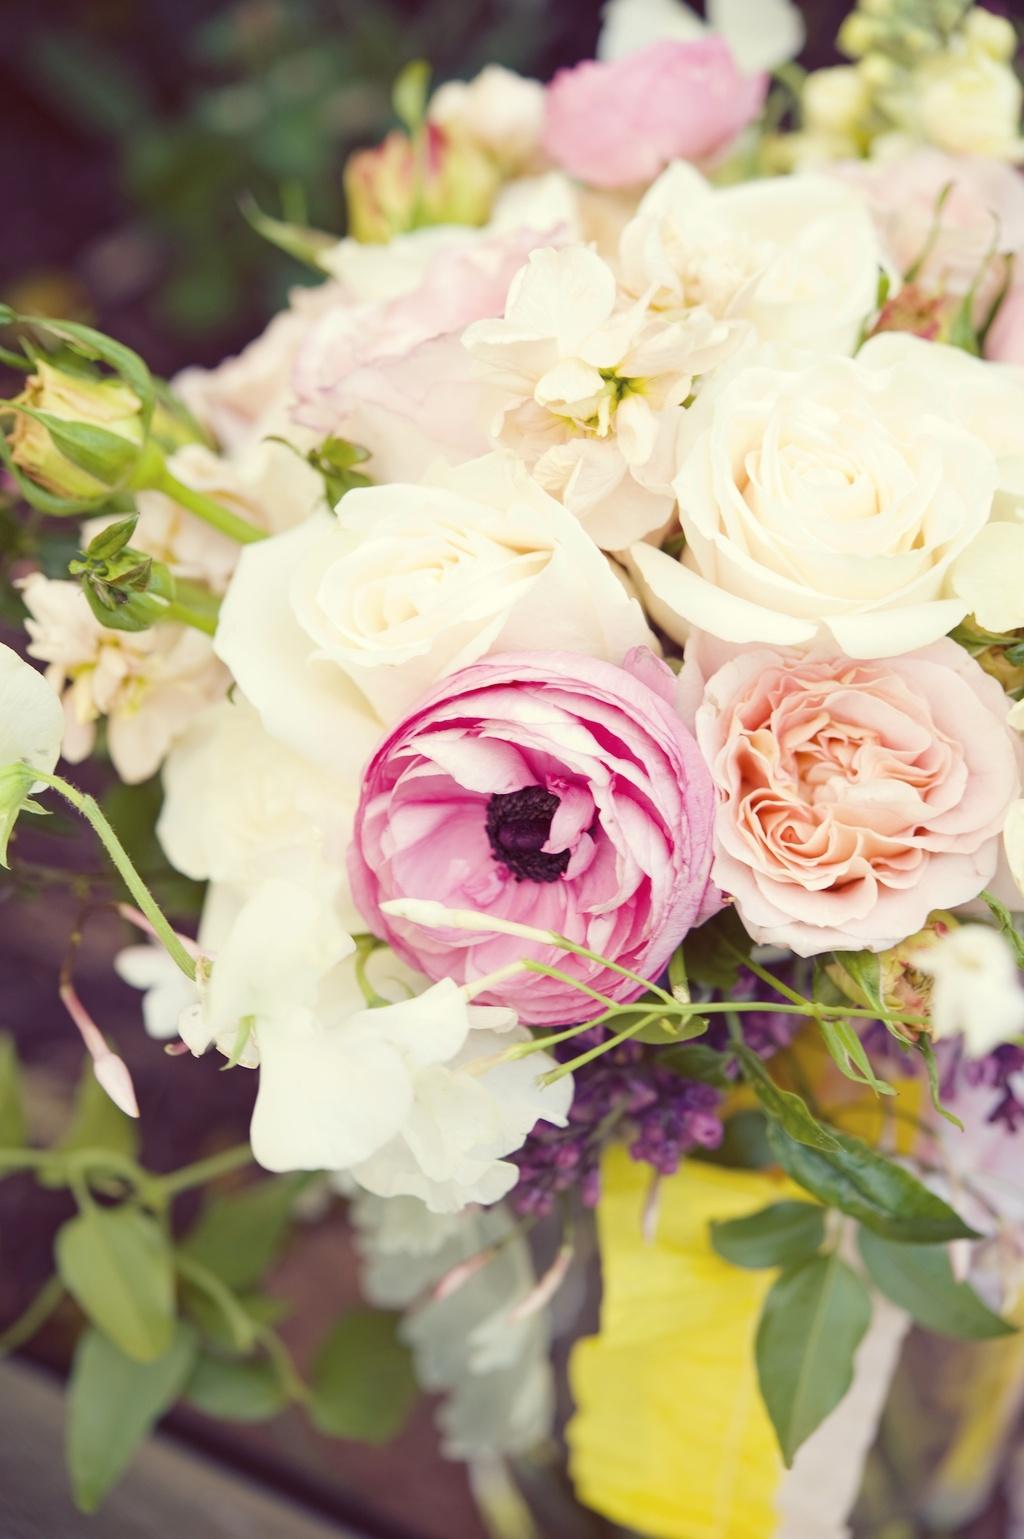 Whimsical-garden-wedding-romantic-wedding-details-flowers.full